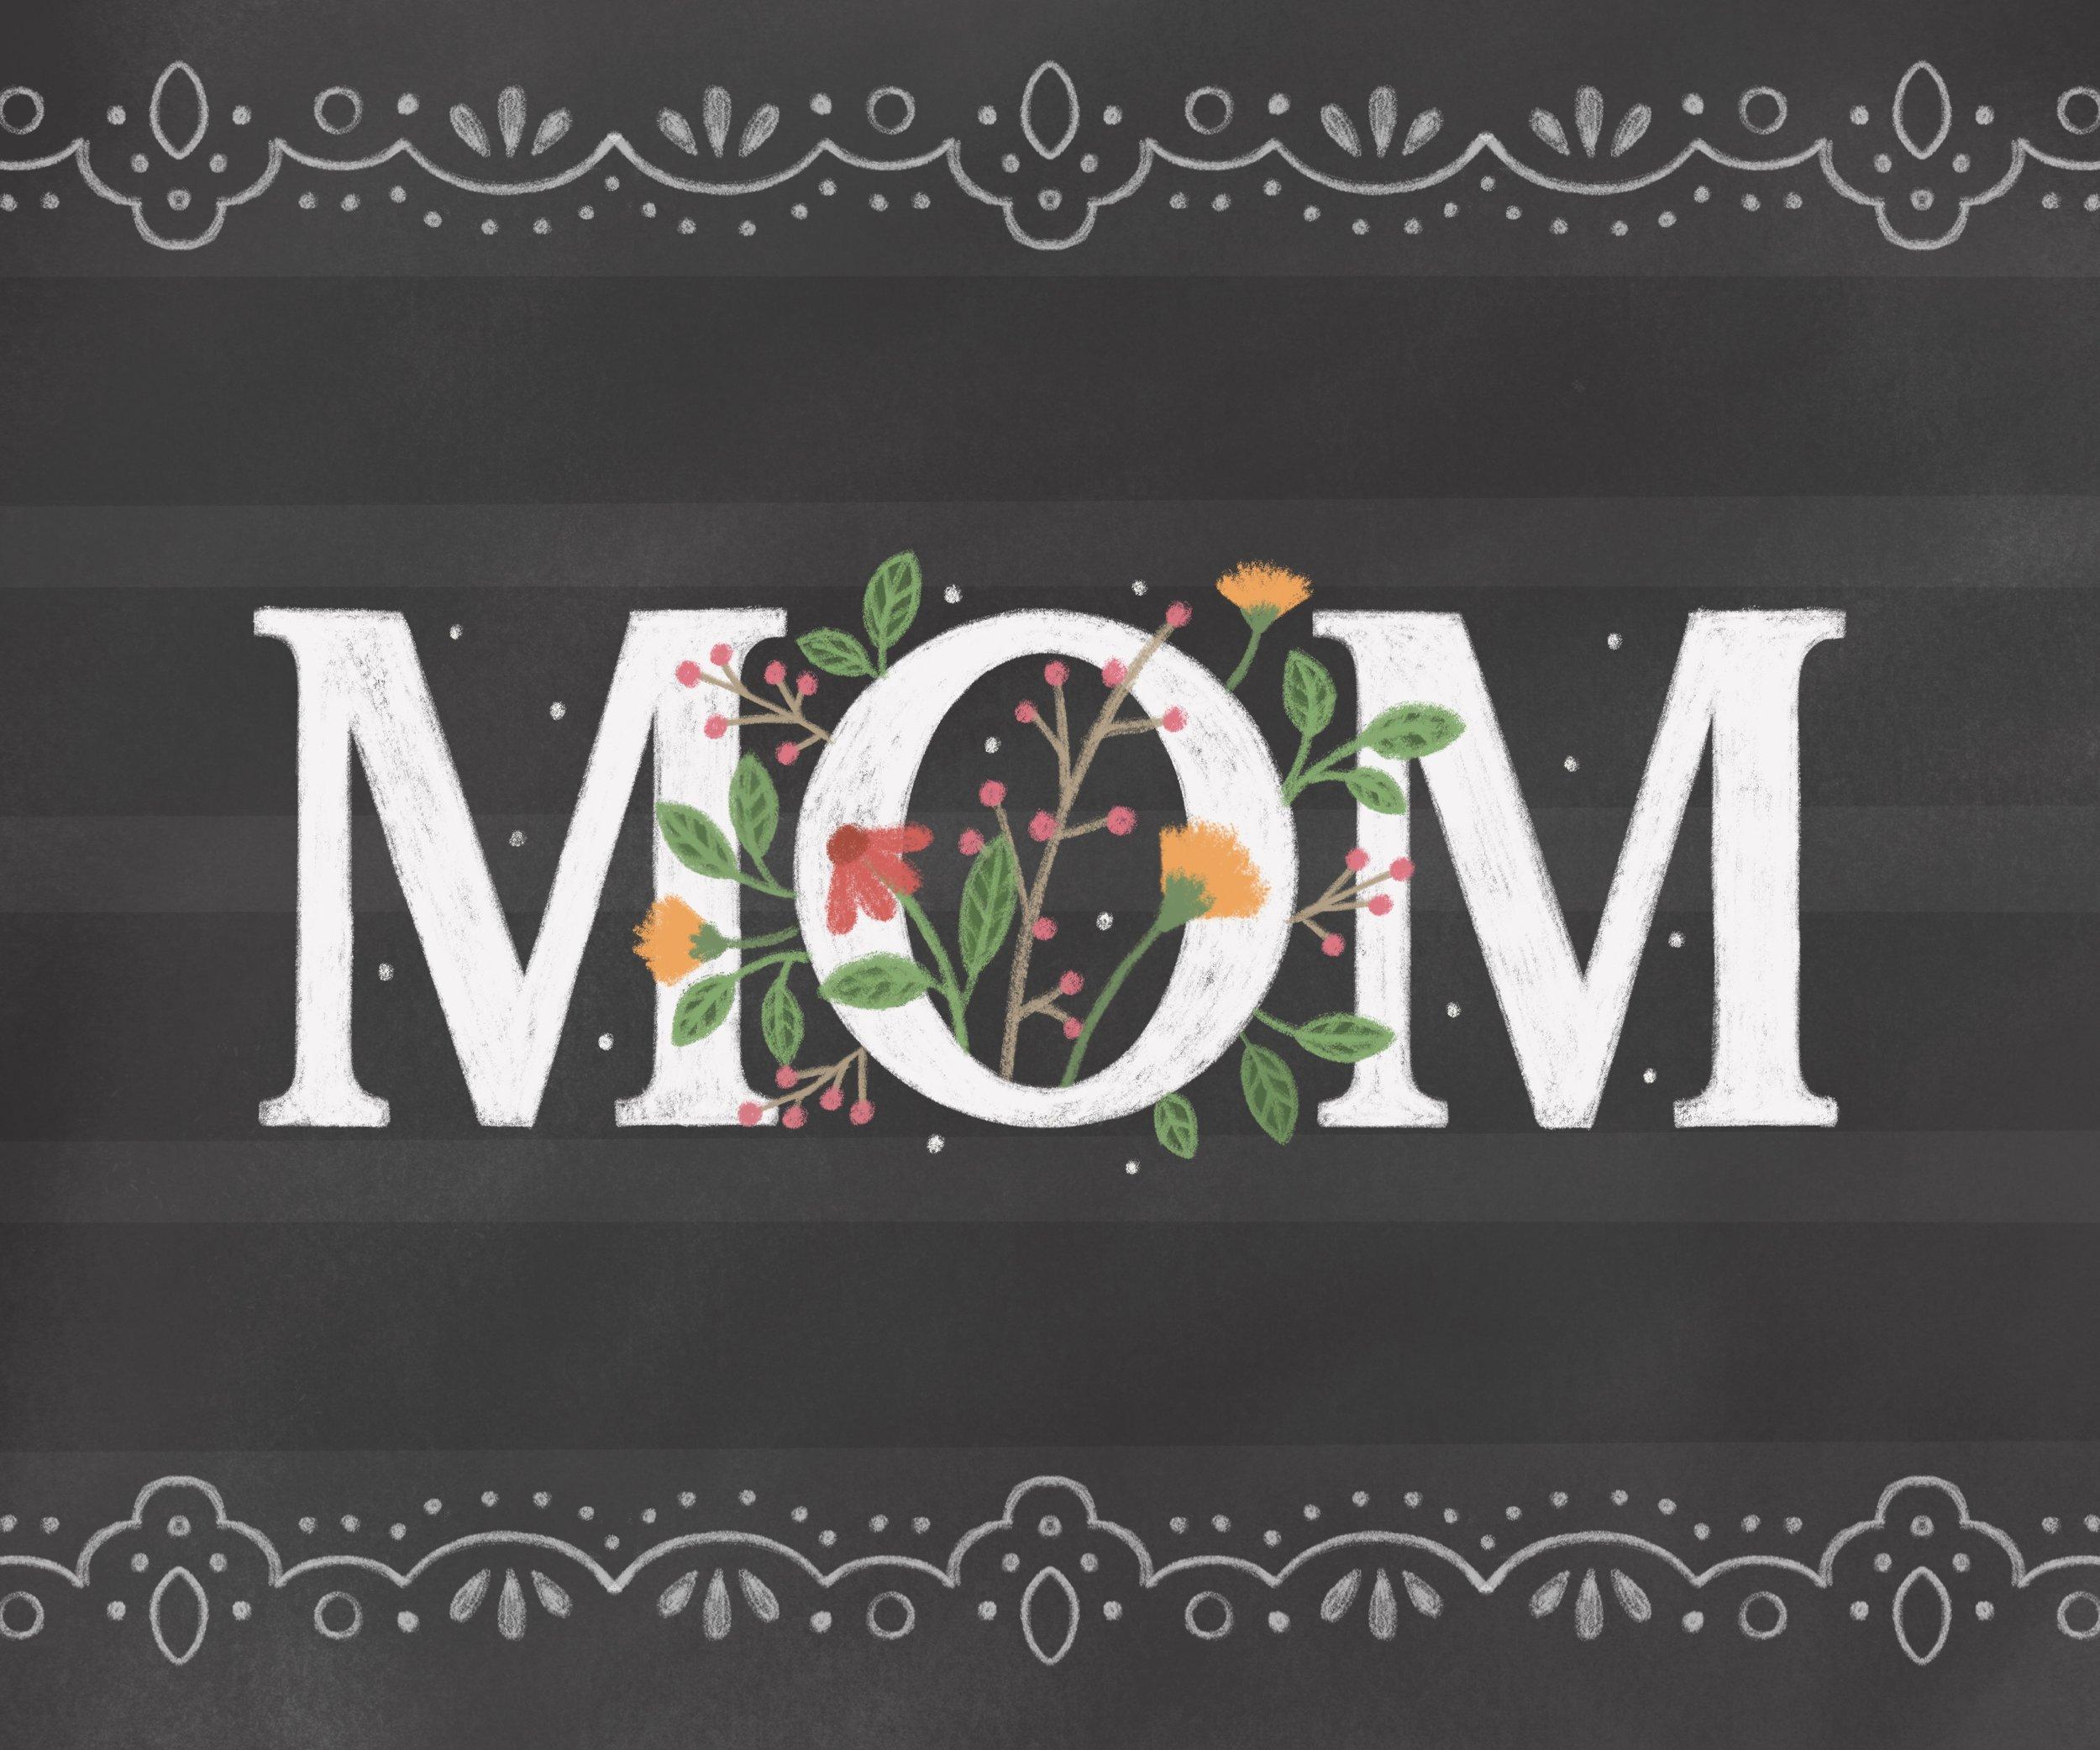 KJ-MothersDay_MomChalkLetteringWithBorder.jpg